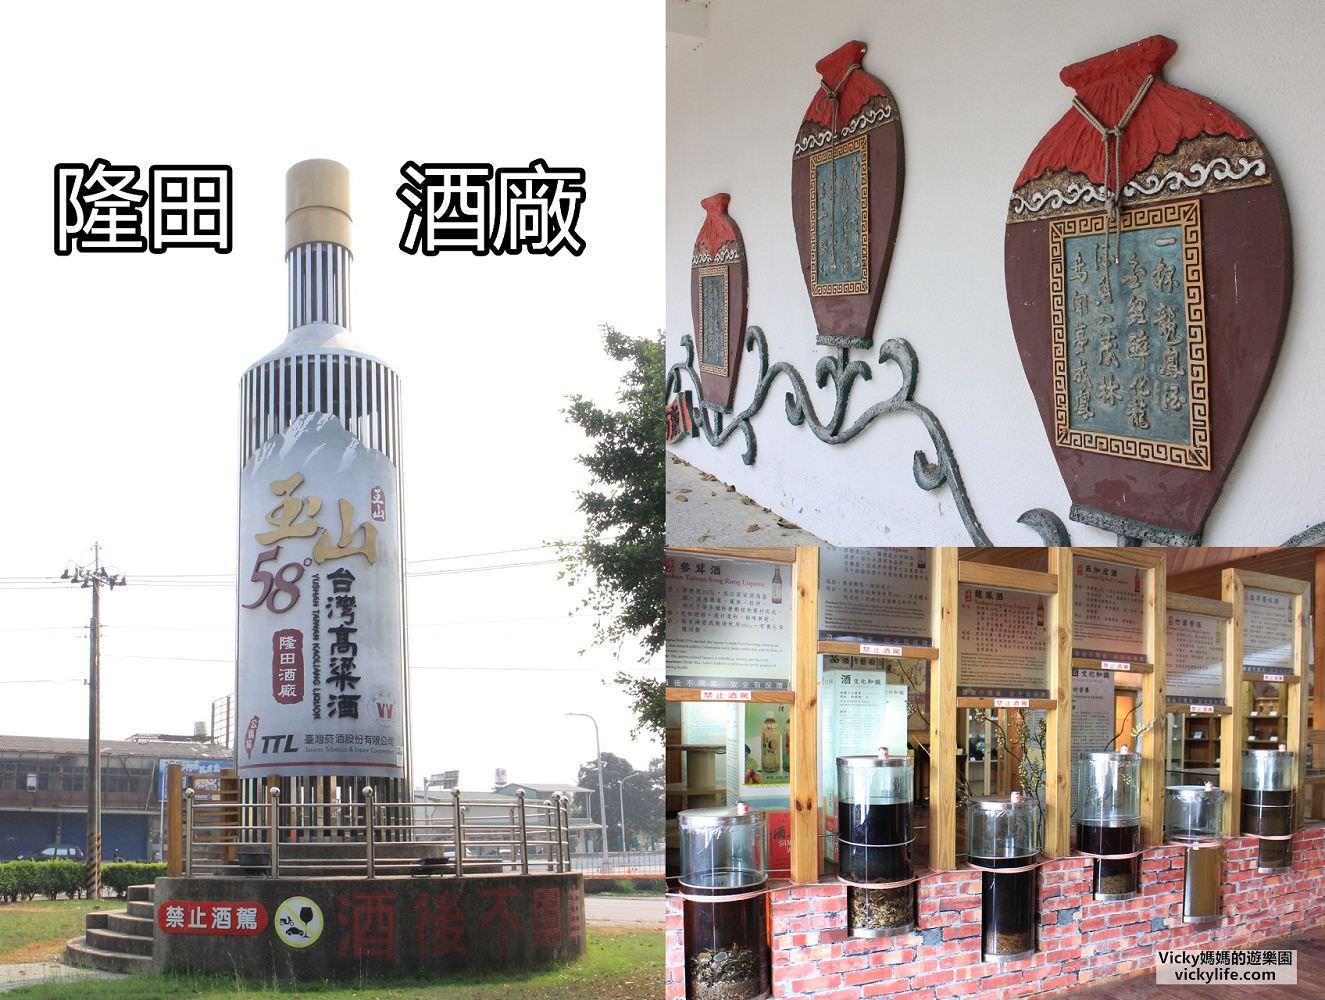 台南景點︱隆田酒廠:想要買特別的伴手禮來這邊就對了,文末附鄰近景點